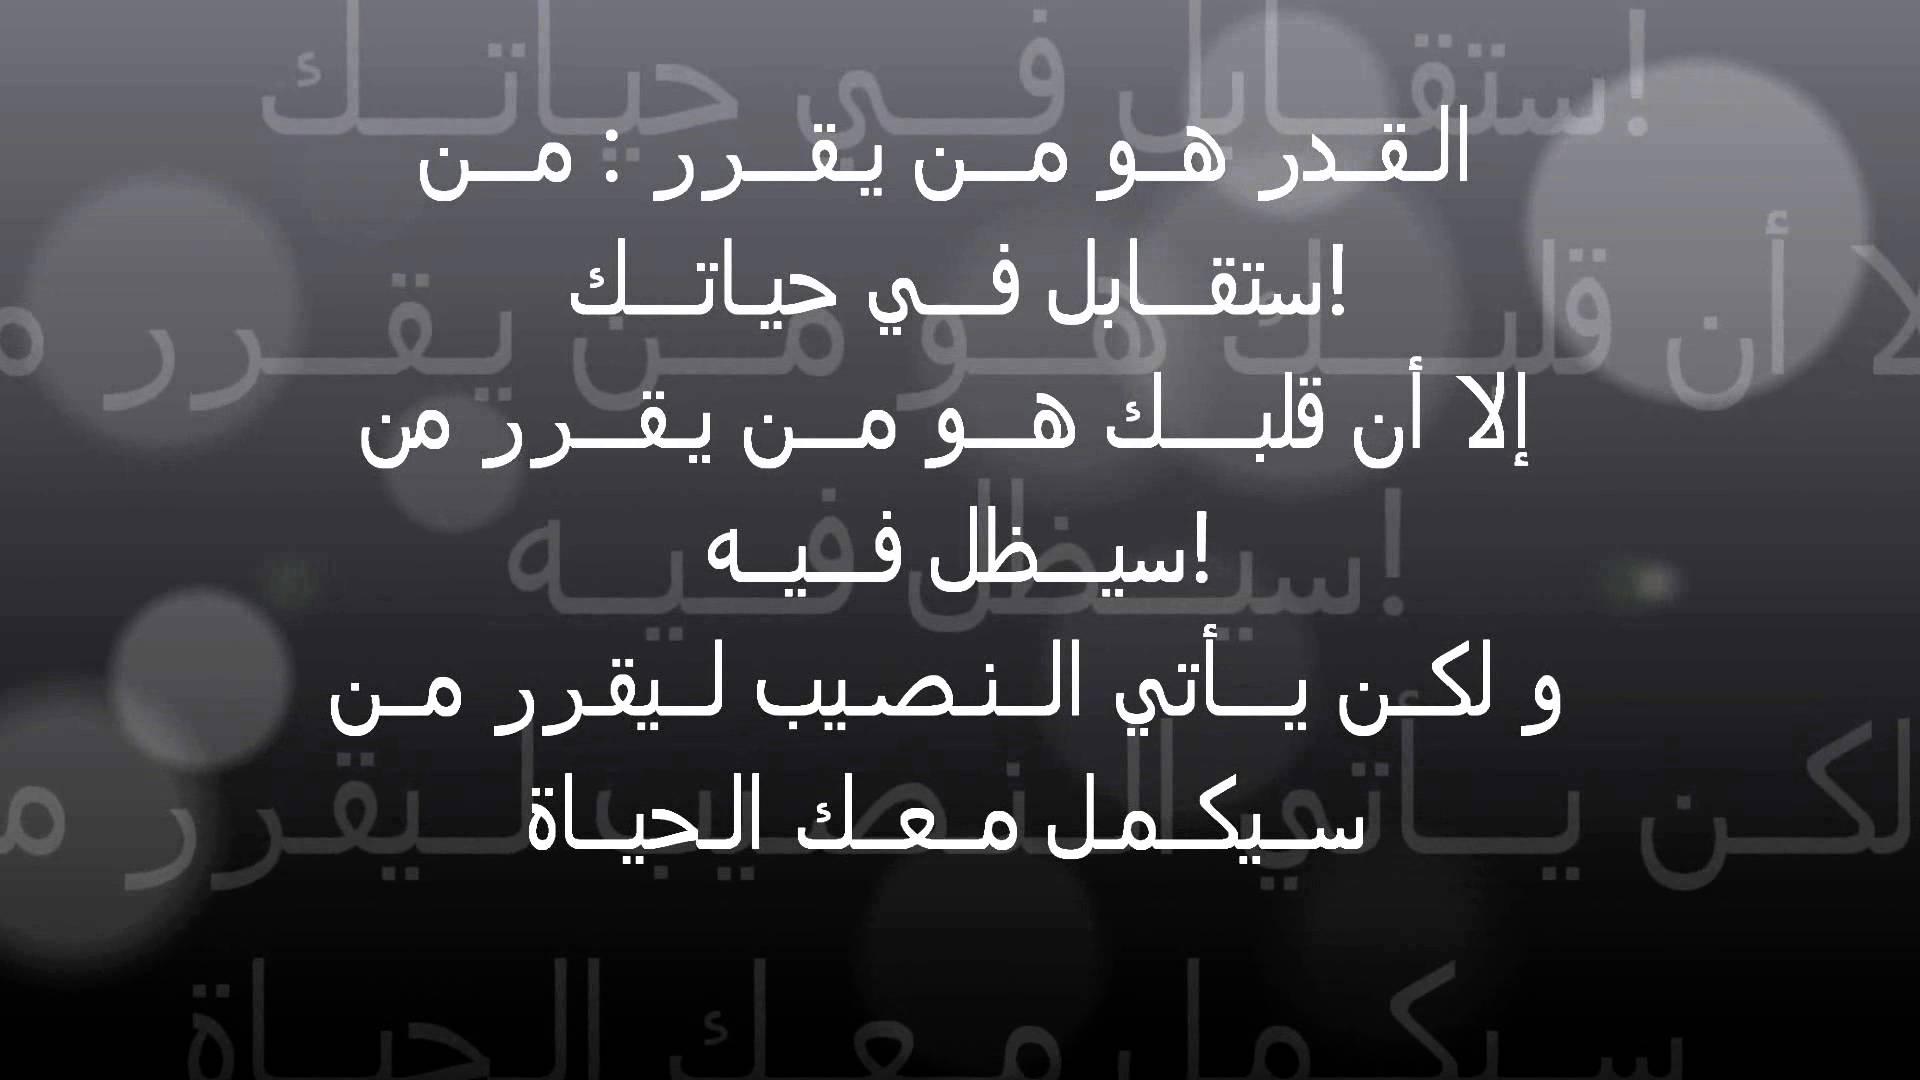 صور كلام حزين عن الحياة , كلمات حزينه صعبه المواجهه